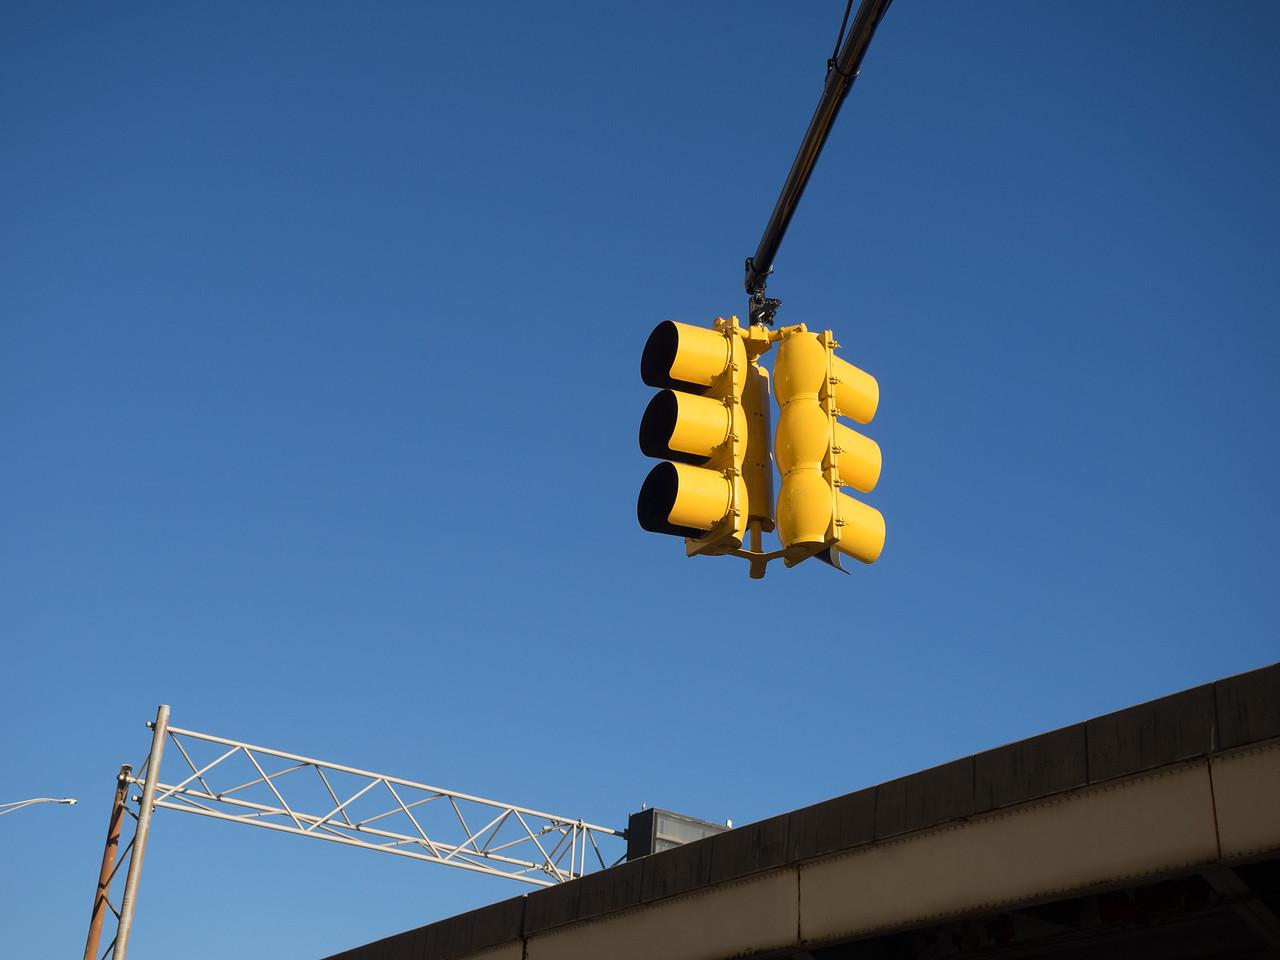 Traffic lights near Brooklyn bridge.